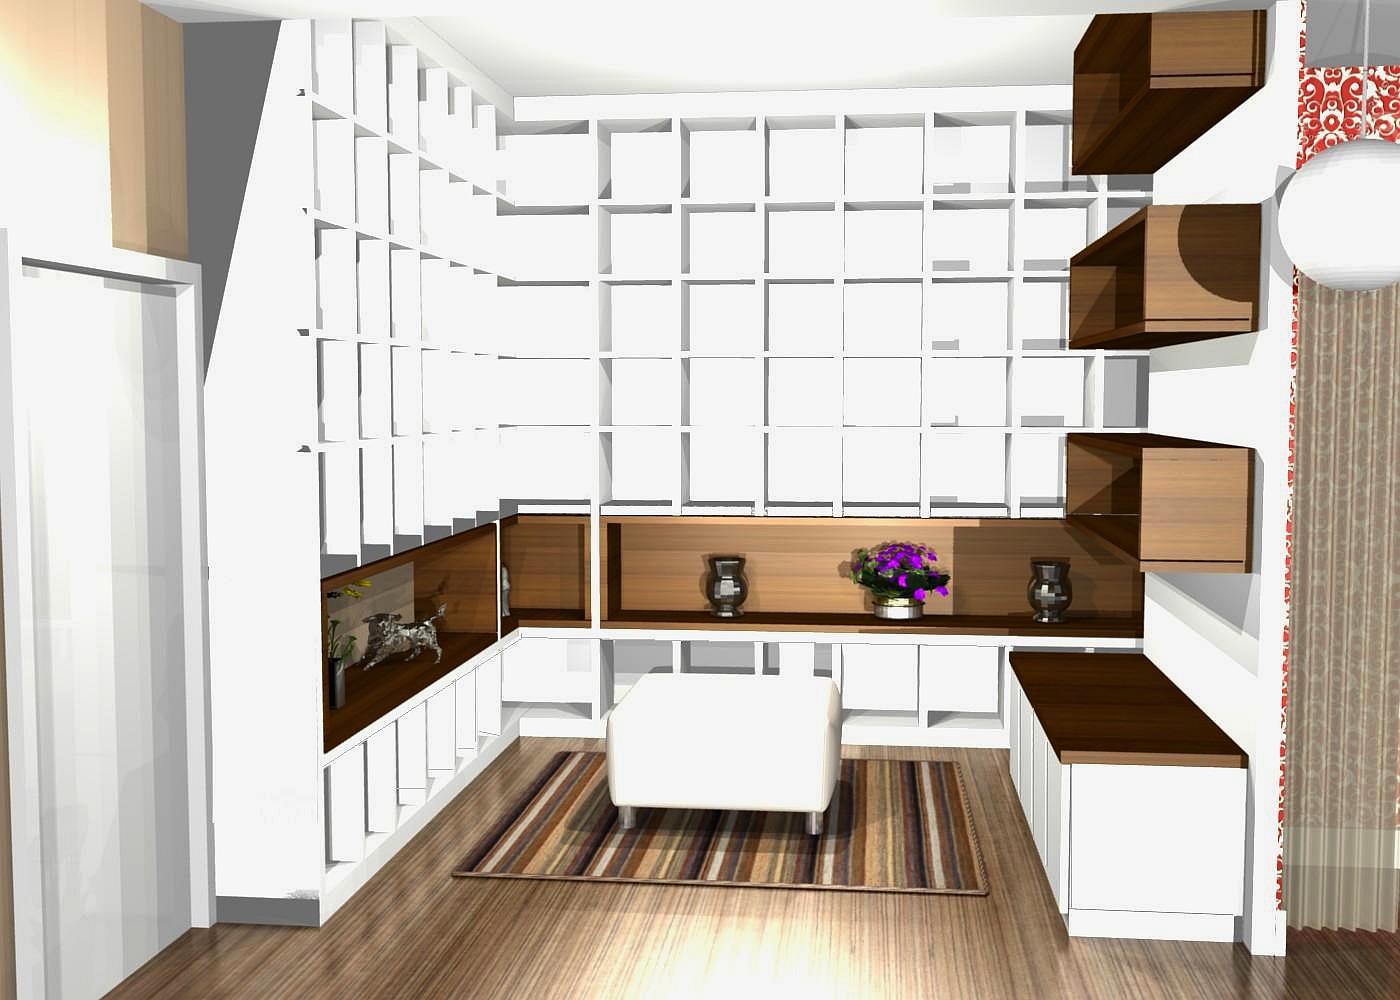 decoracao de interiores moveis planejados:MÓVEIS PLANEJADOS MARCENARIA CASACOR NOIVAS PAINEL LACA ARMÁRIOS